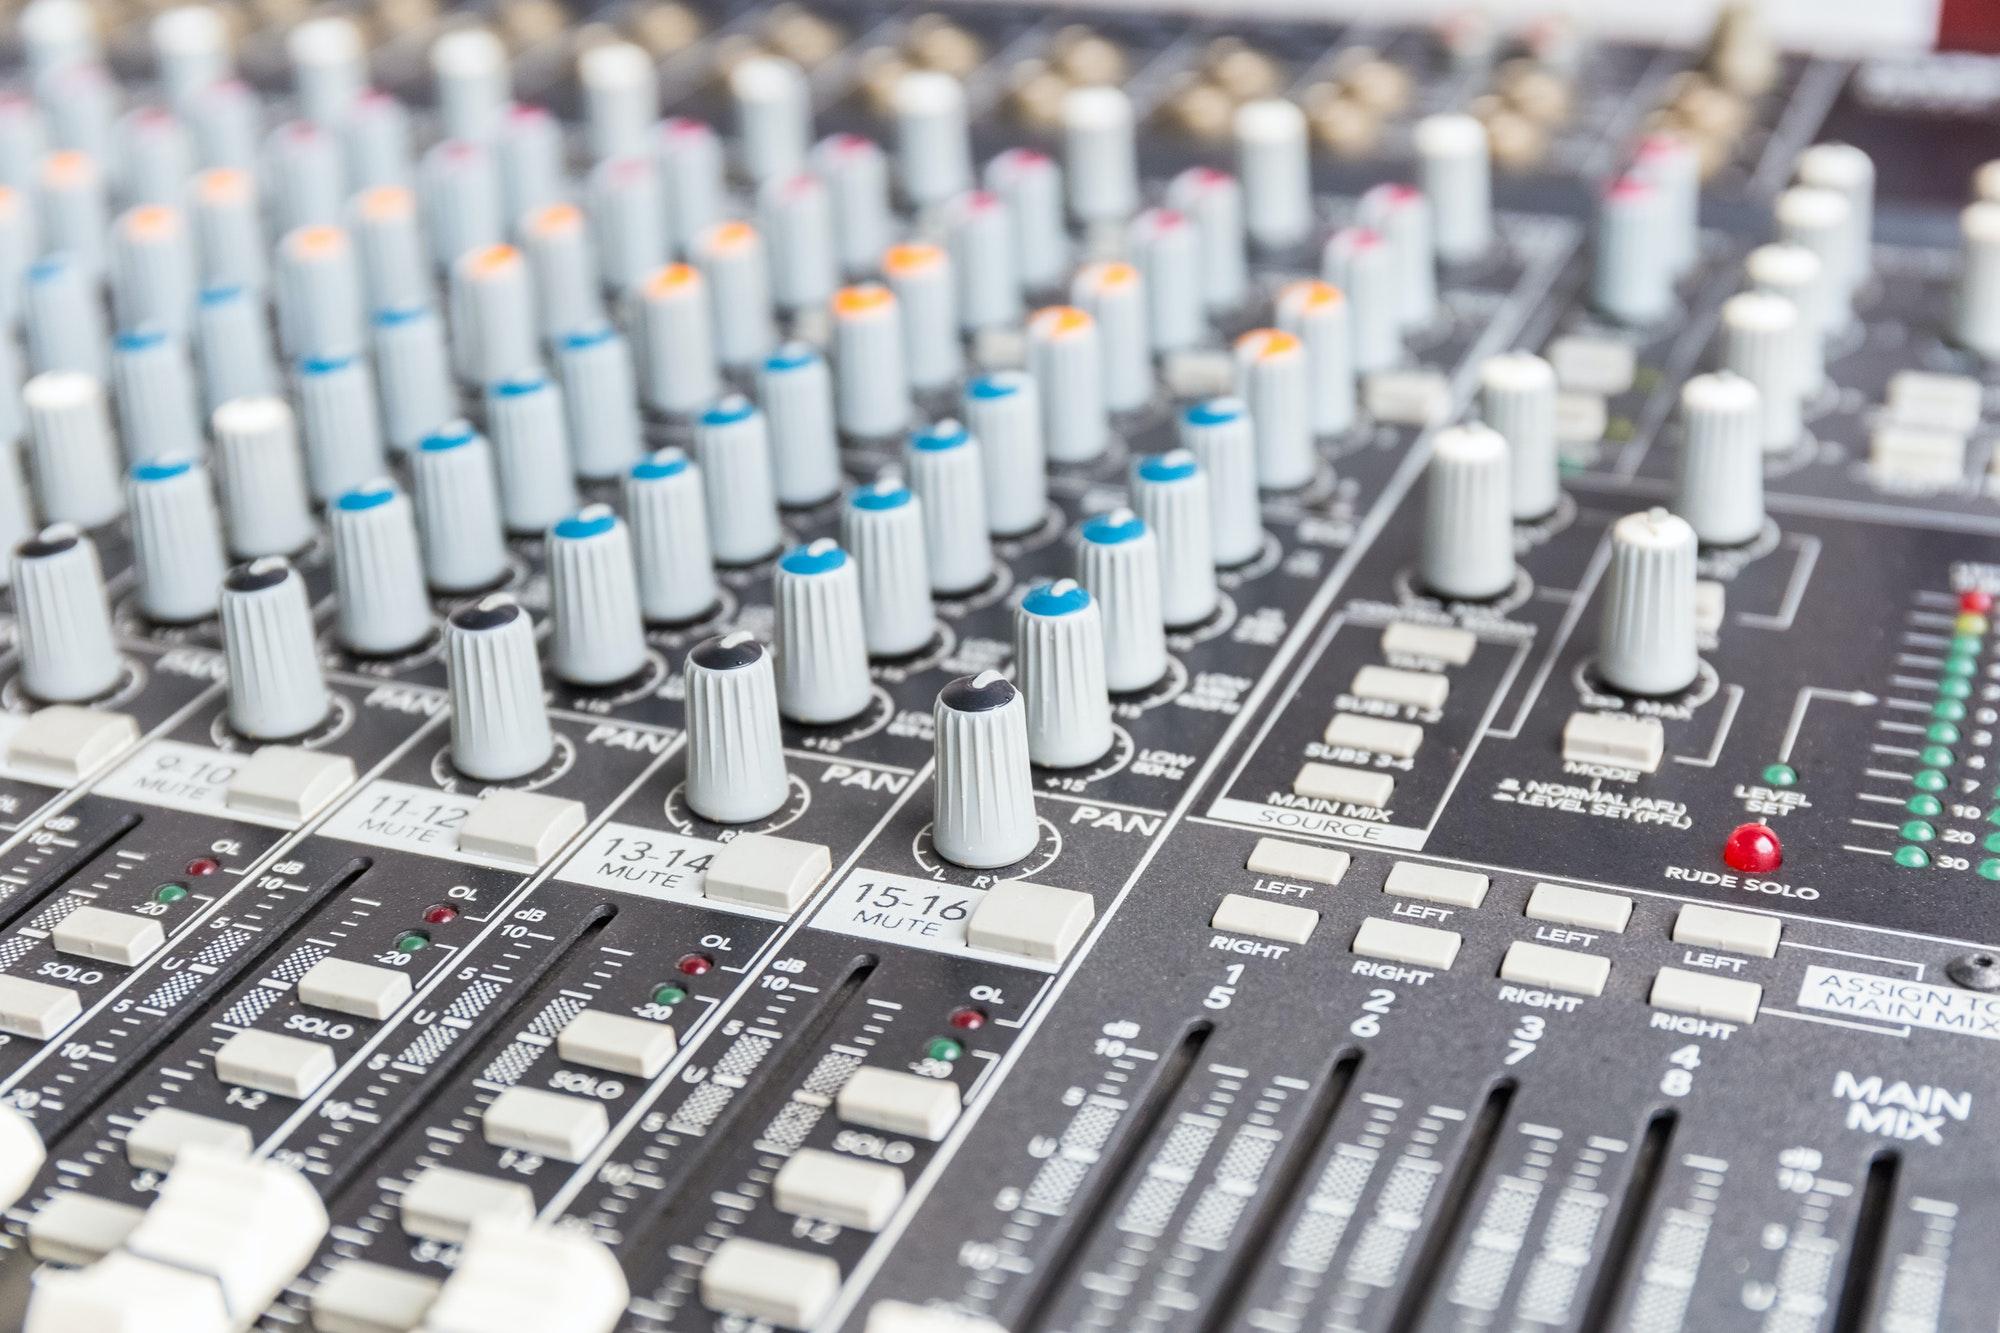 audio mixer closeup